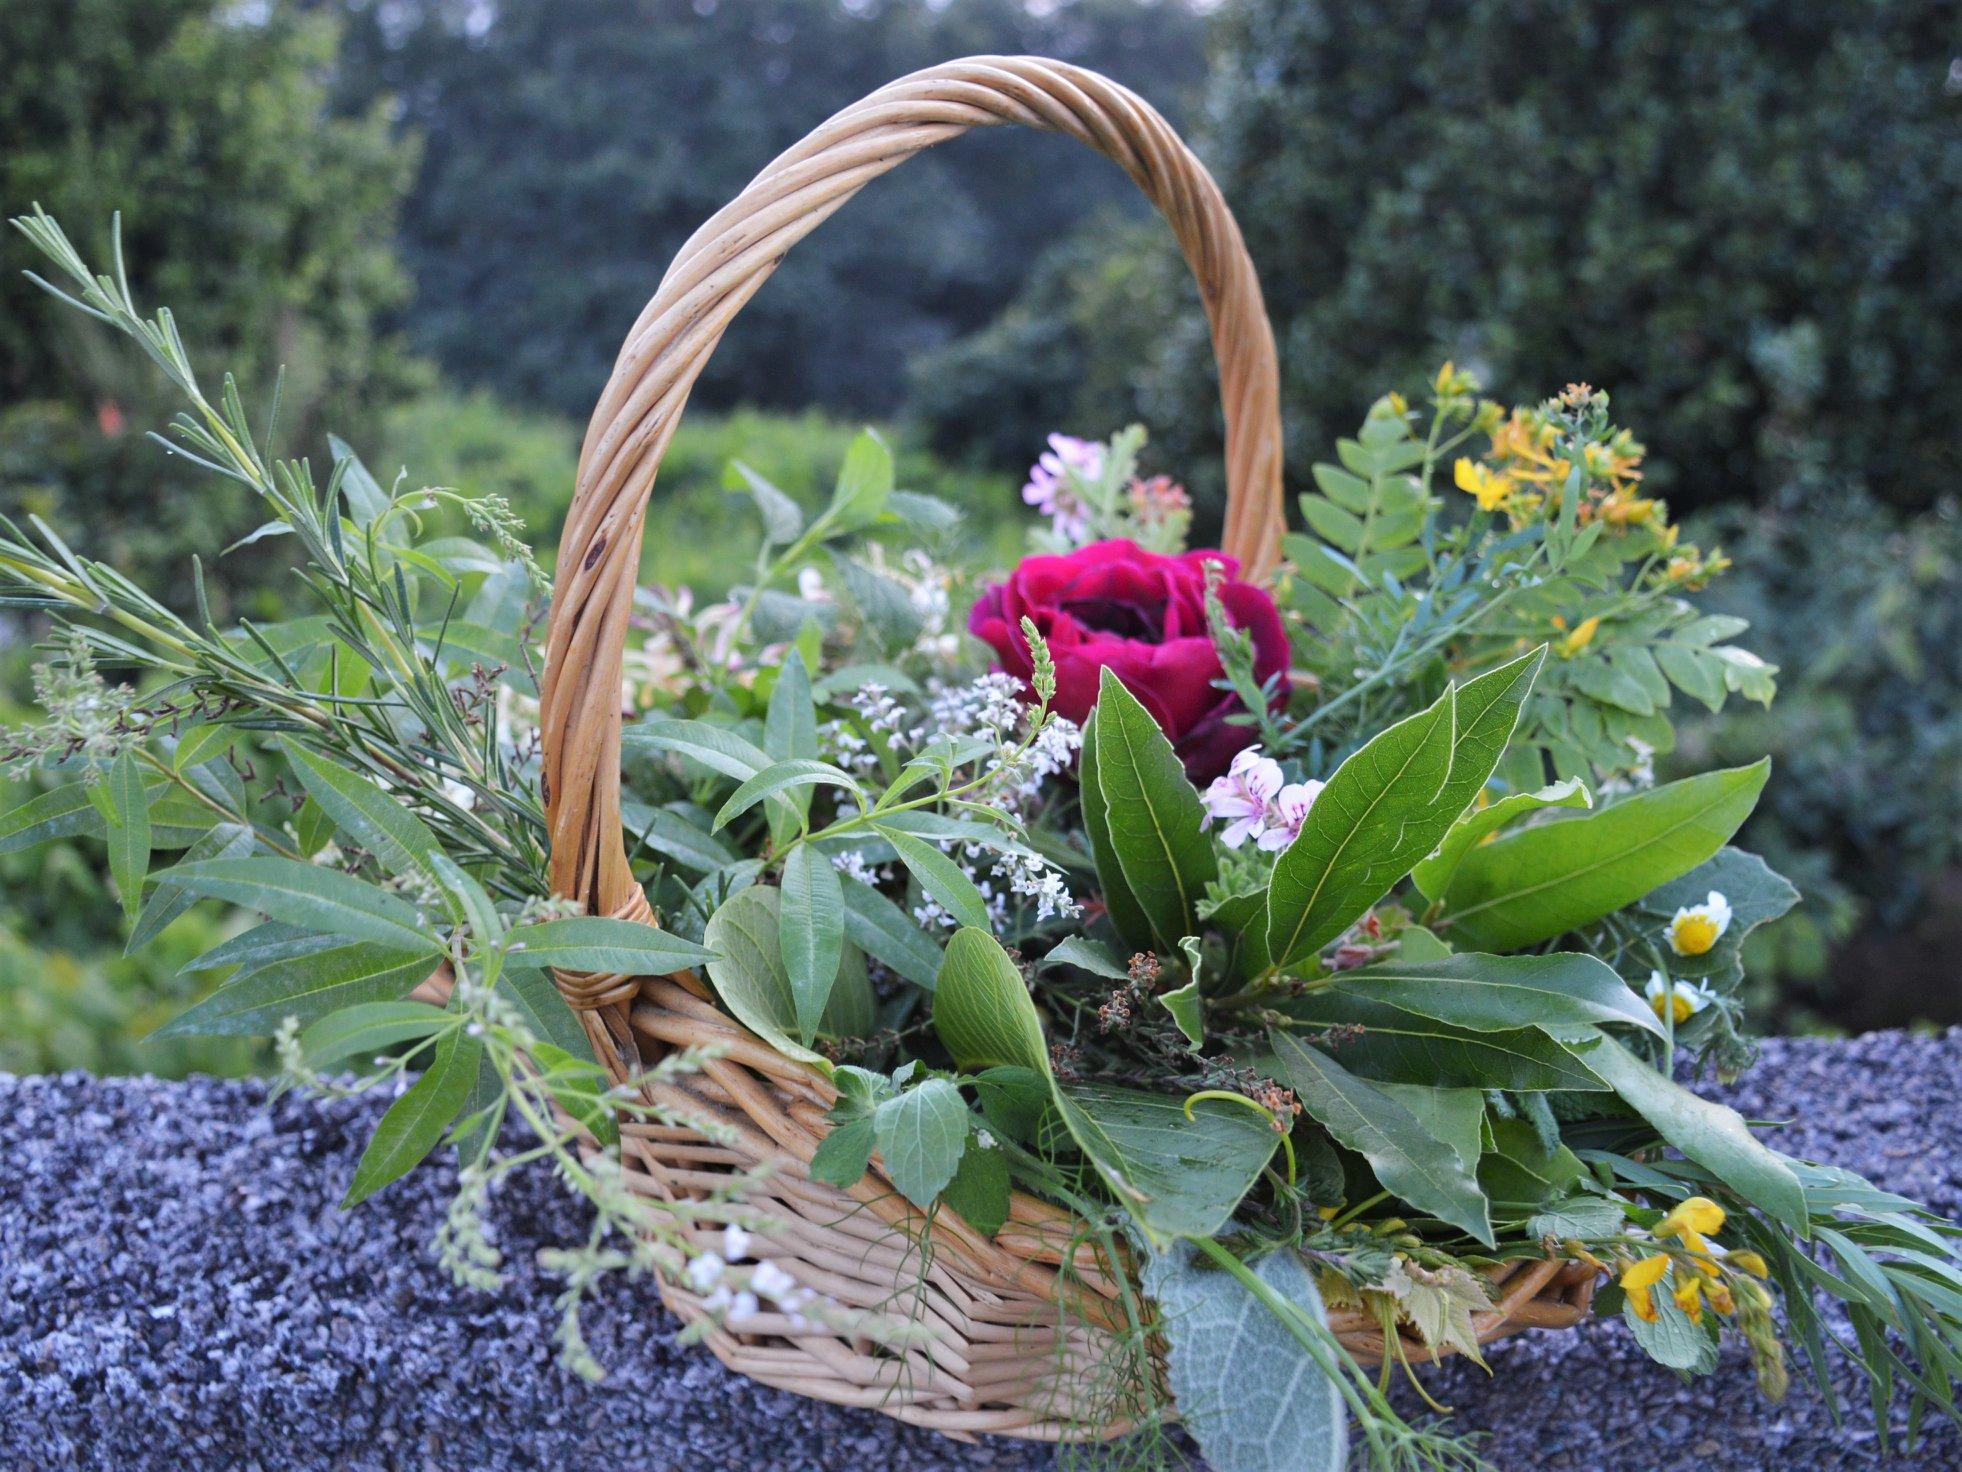 Herbas de San Xoán, colleitadas no Monte Pituco